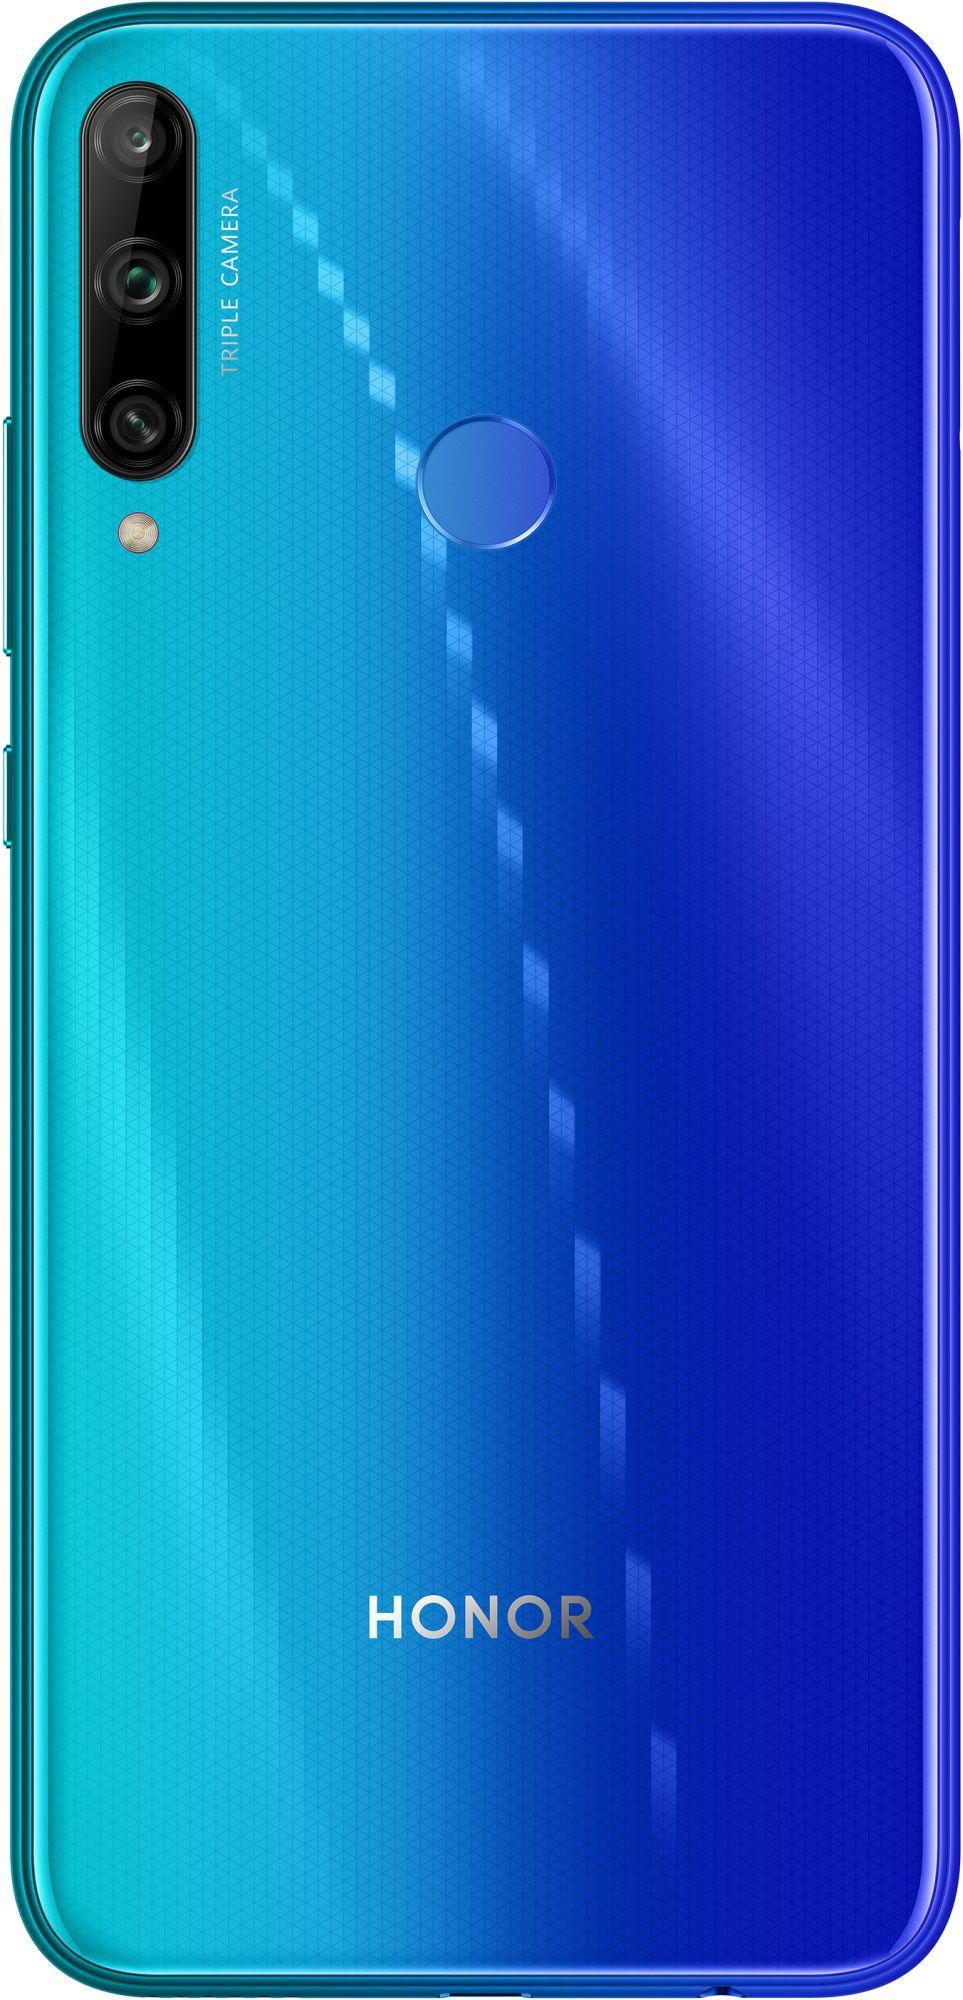 ТОП-10 смартфонов с аккумулятором 4000 мА⋅ч и больше